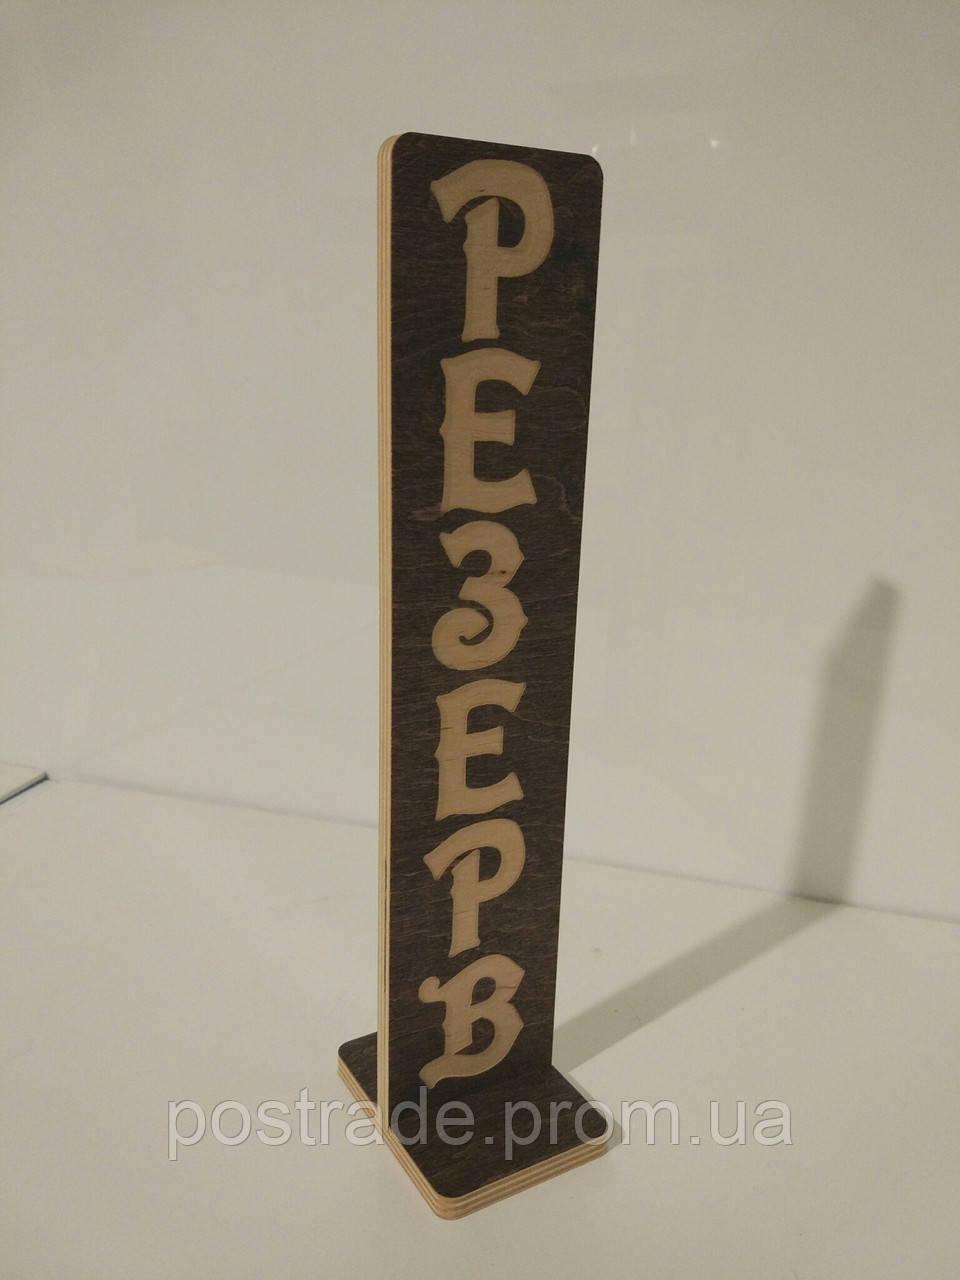 Табличка Резерв деревянная двухсторонняя